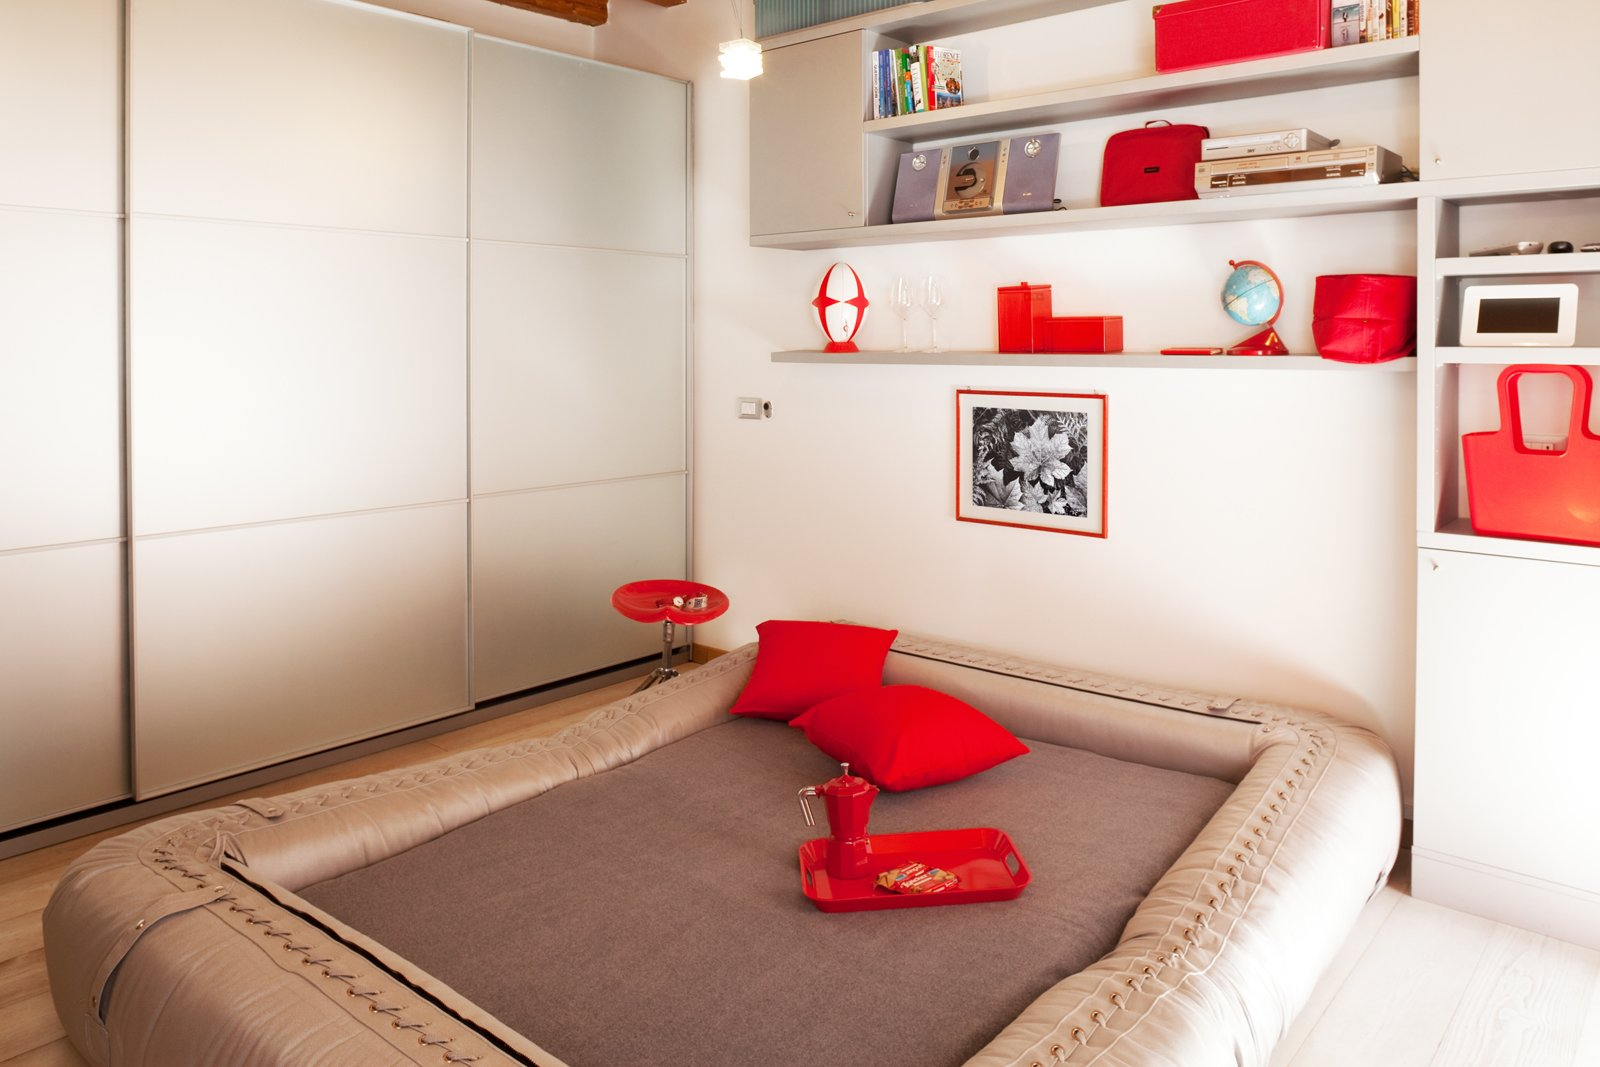 Monolocale di 25 mq con soluzioni salvaspazio cose di casa - Trasformare letto in divano ...